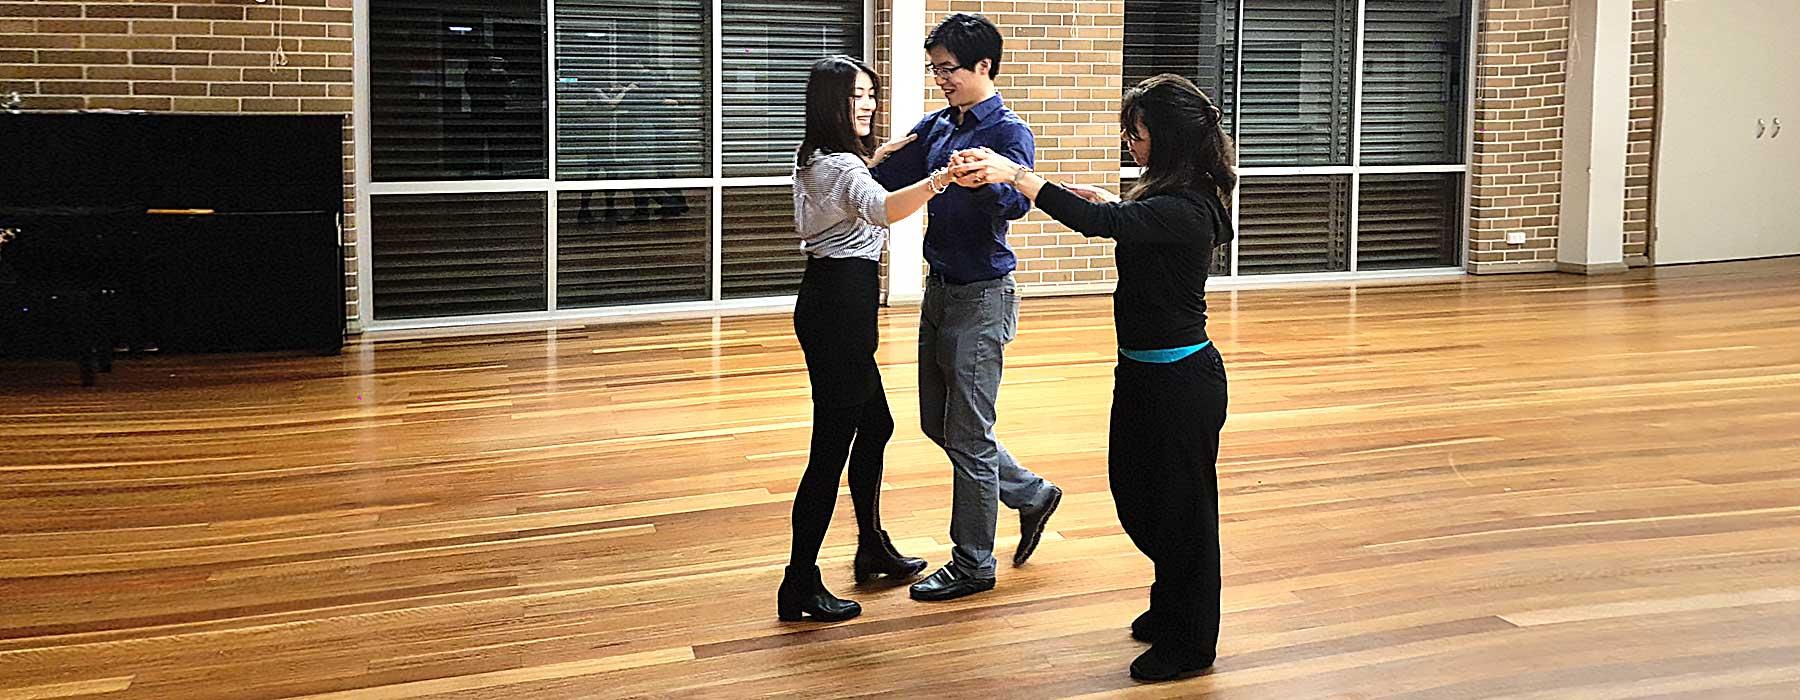 cp p - Cours Particulier de Danse à domicile à Drancy